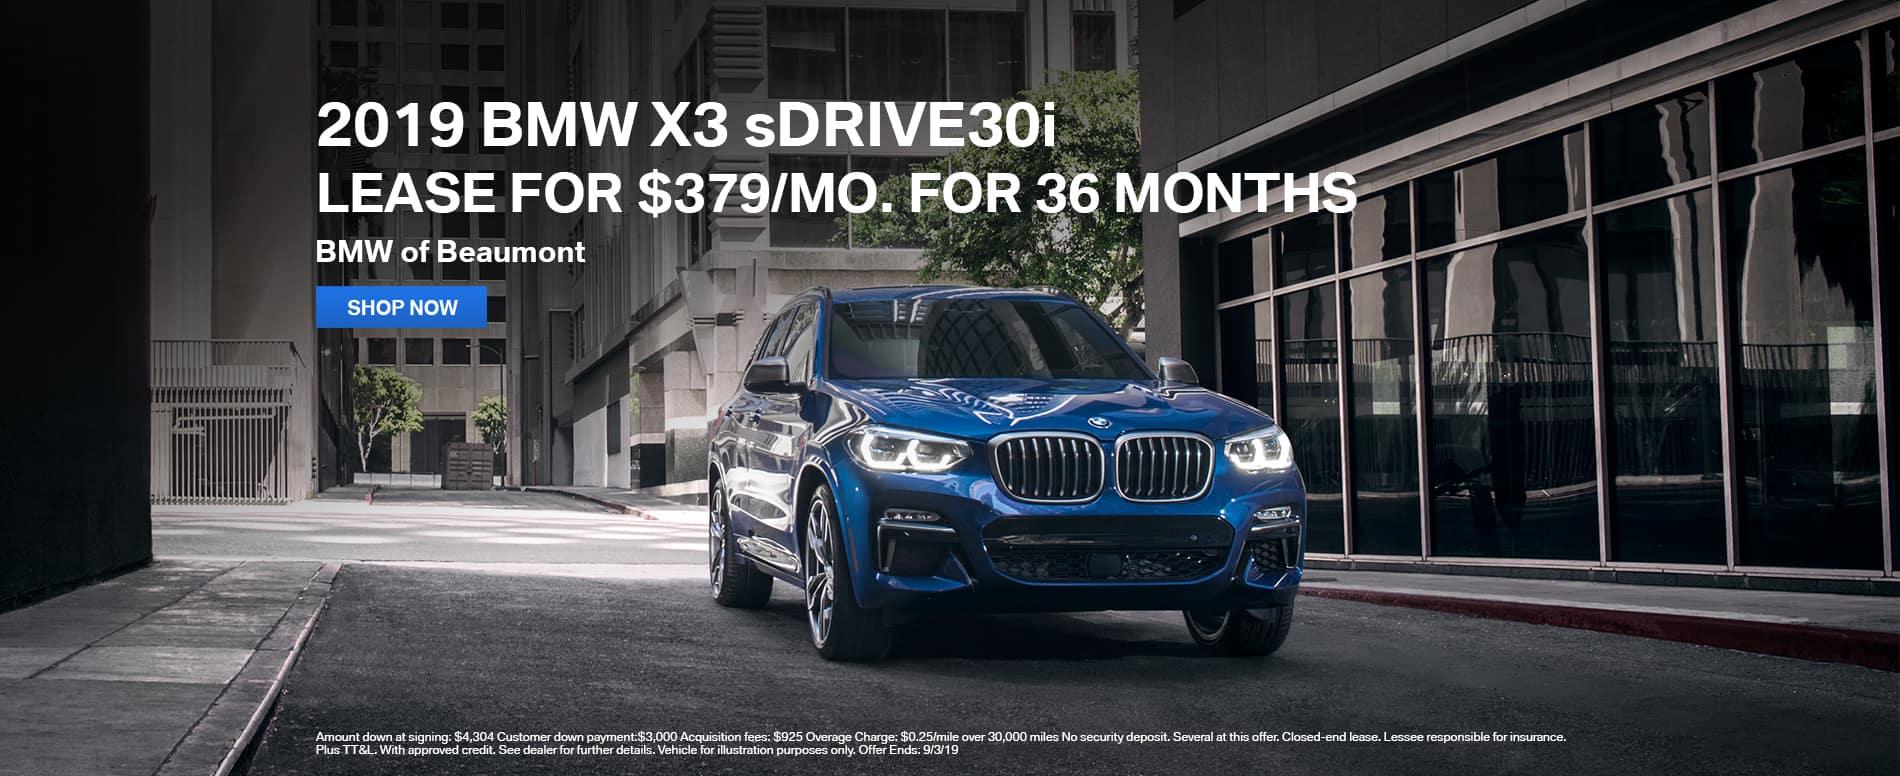 2019-BMW-X3-sDrive-30i